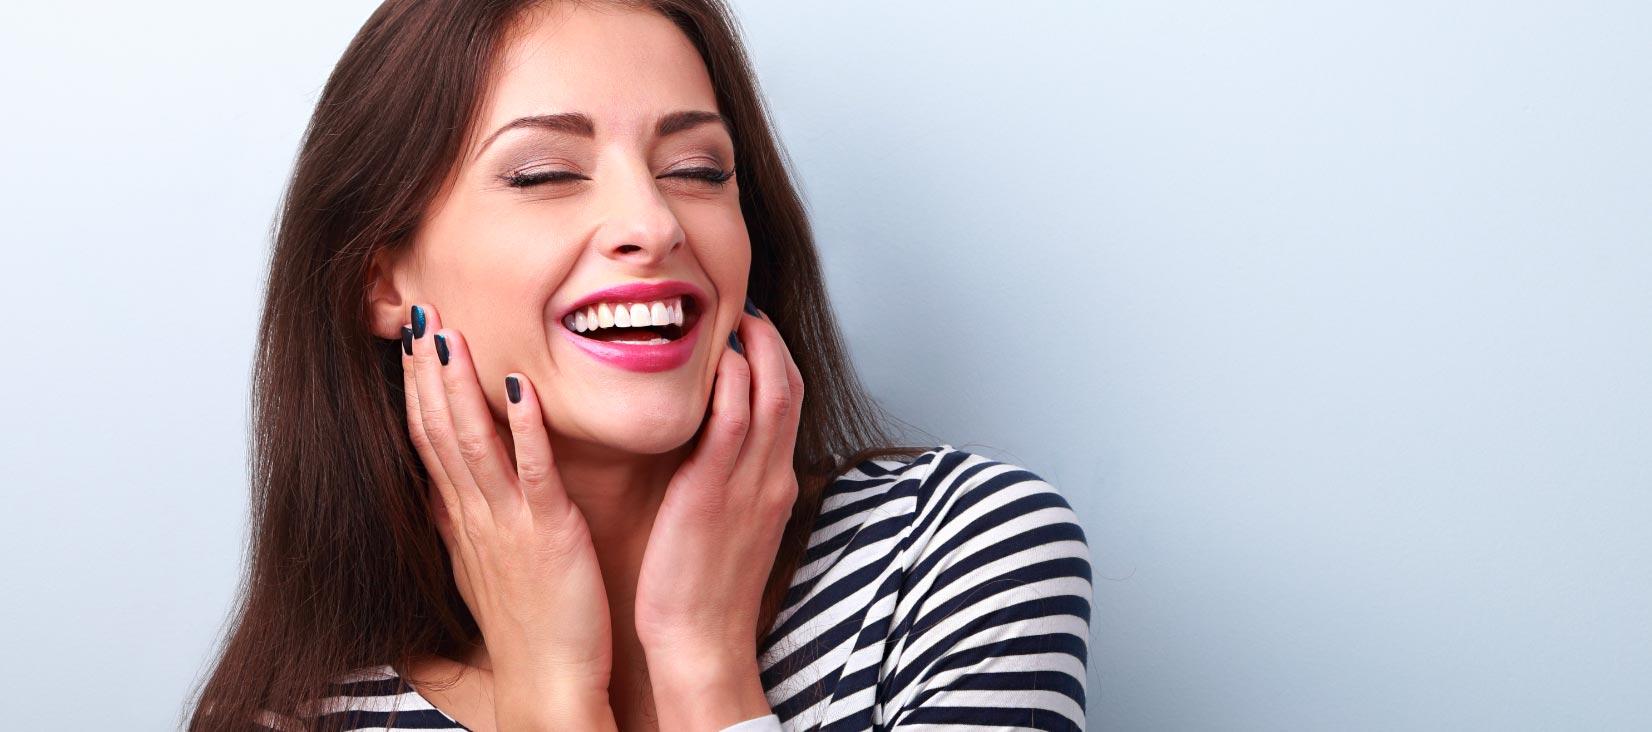 Faccette dentali a Torchiara | Faccette estetiche a Torchiara | Dentista a Torchiara | Ceida Centro Odontoiatrico 1